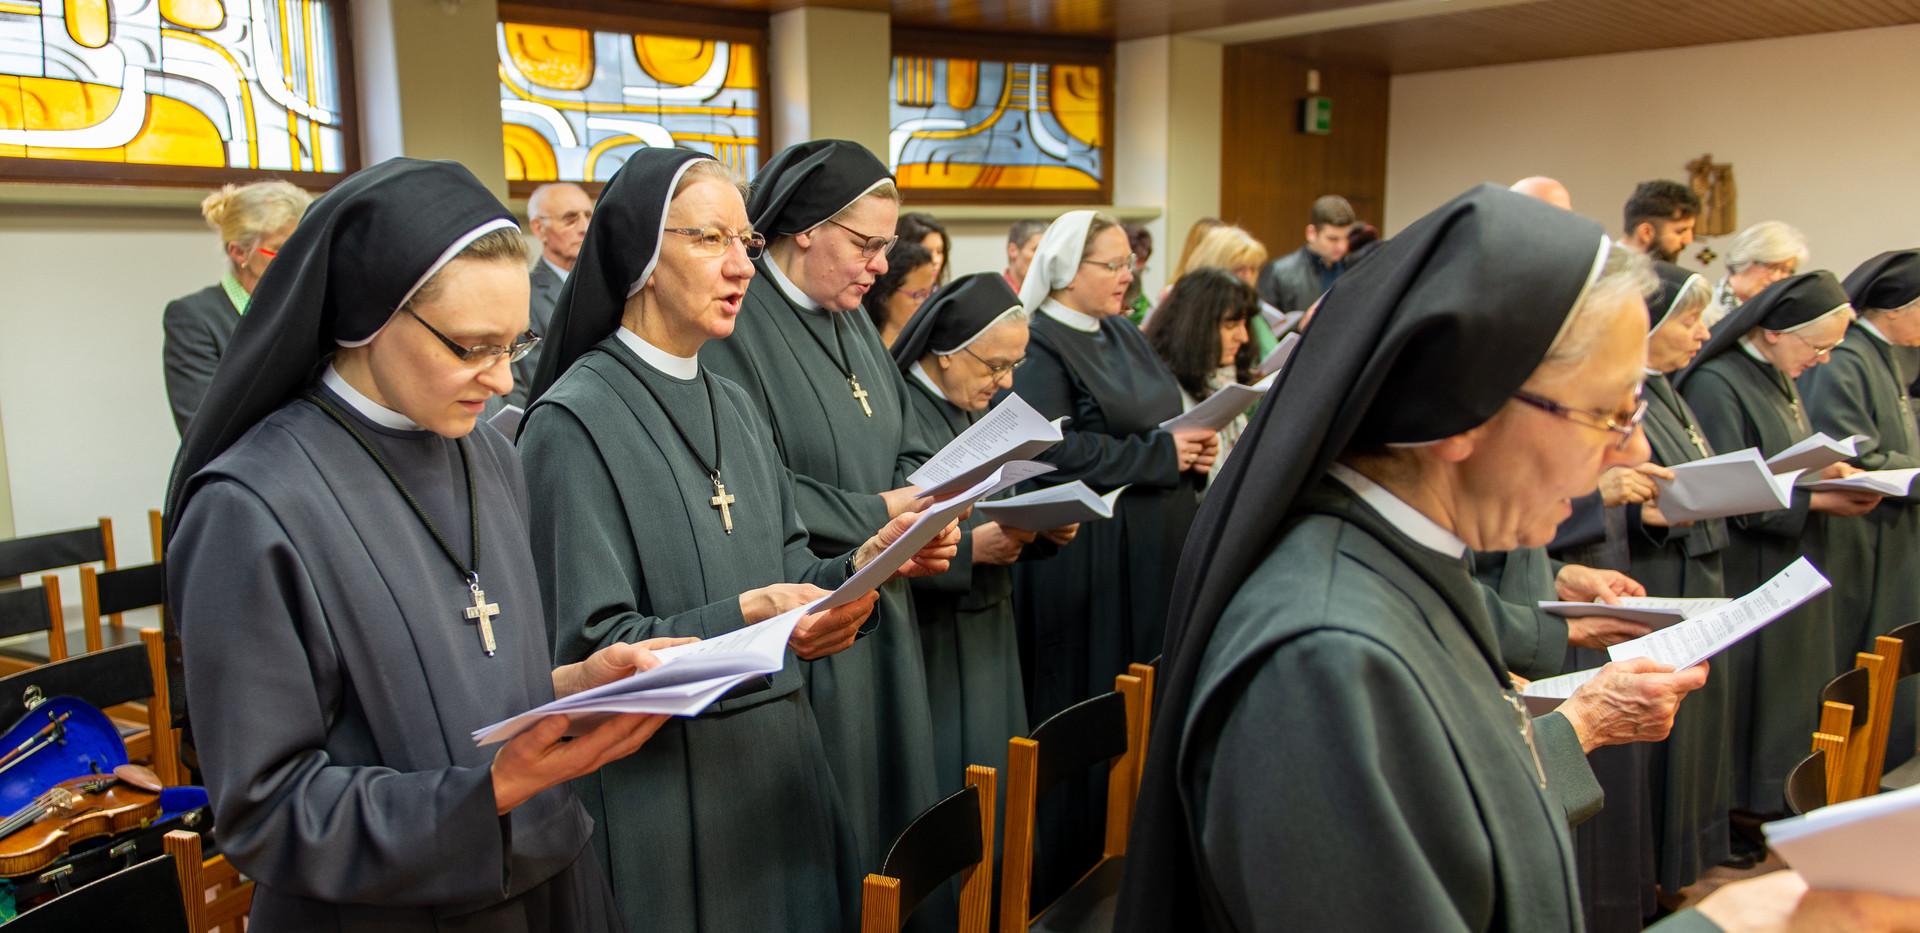 Froher Gesang der Gemeinschaft mit der Bitte um den Beistand des Heiligen Geistes